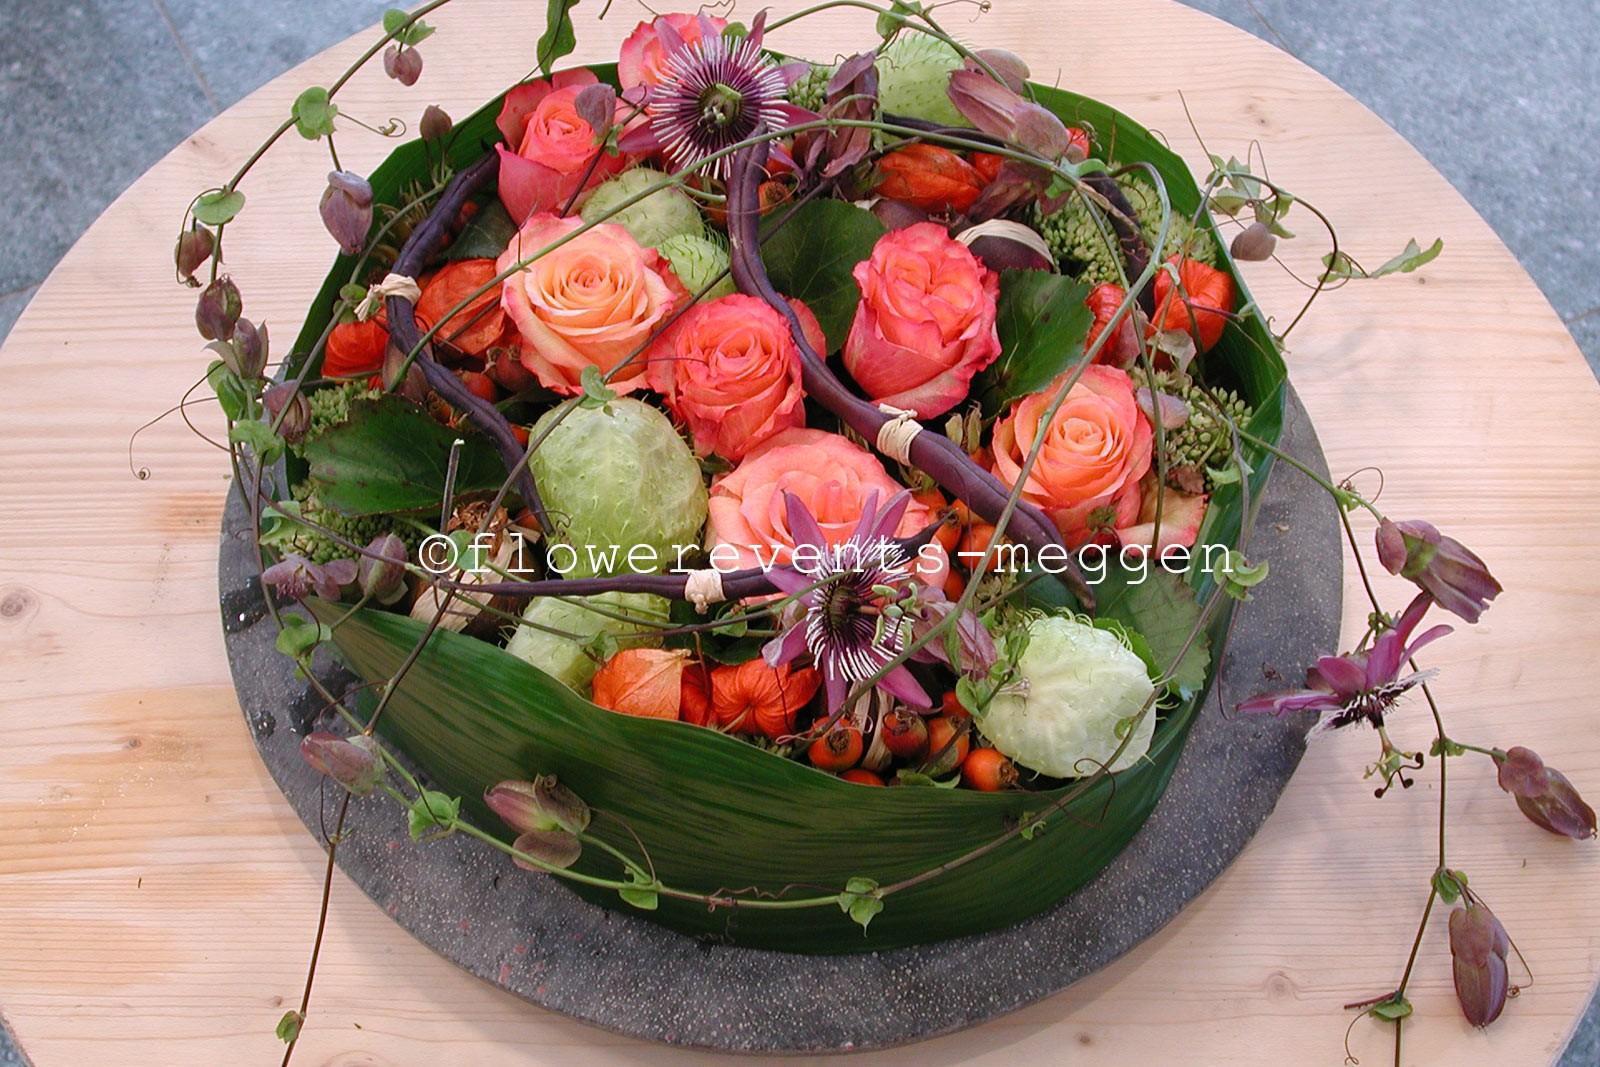 Gesteckte Arbeiten  Blumen Flowerevents Luzern  Meggen